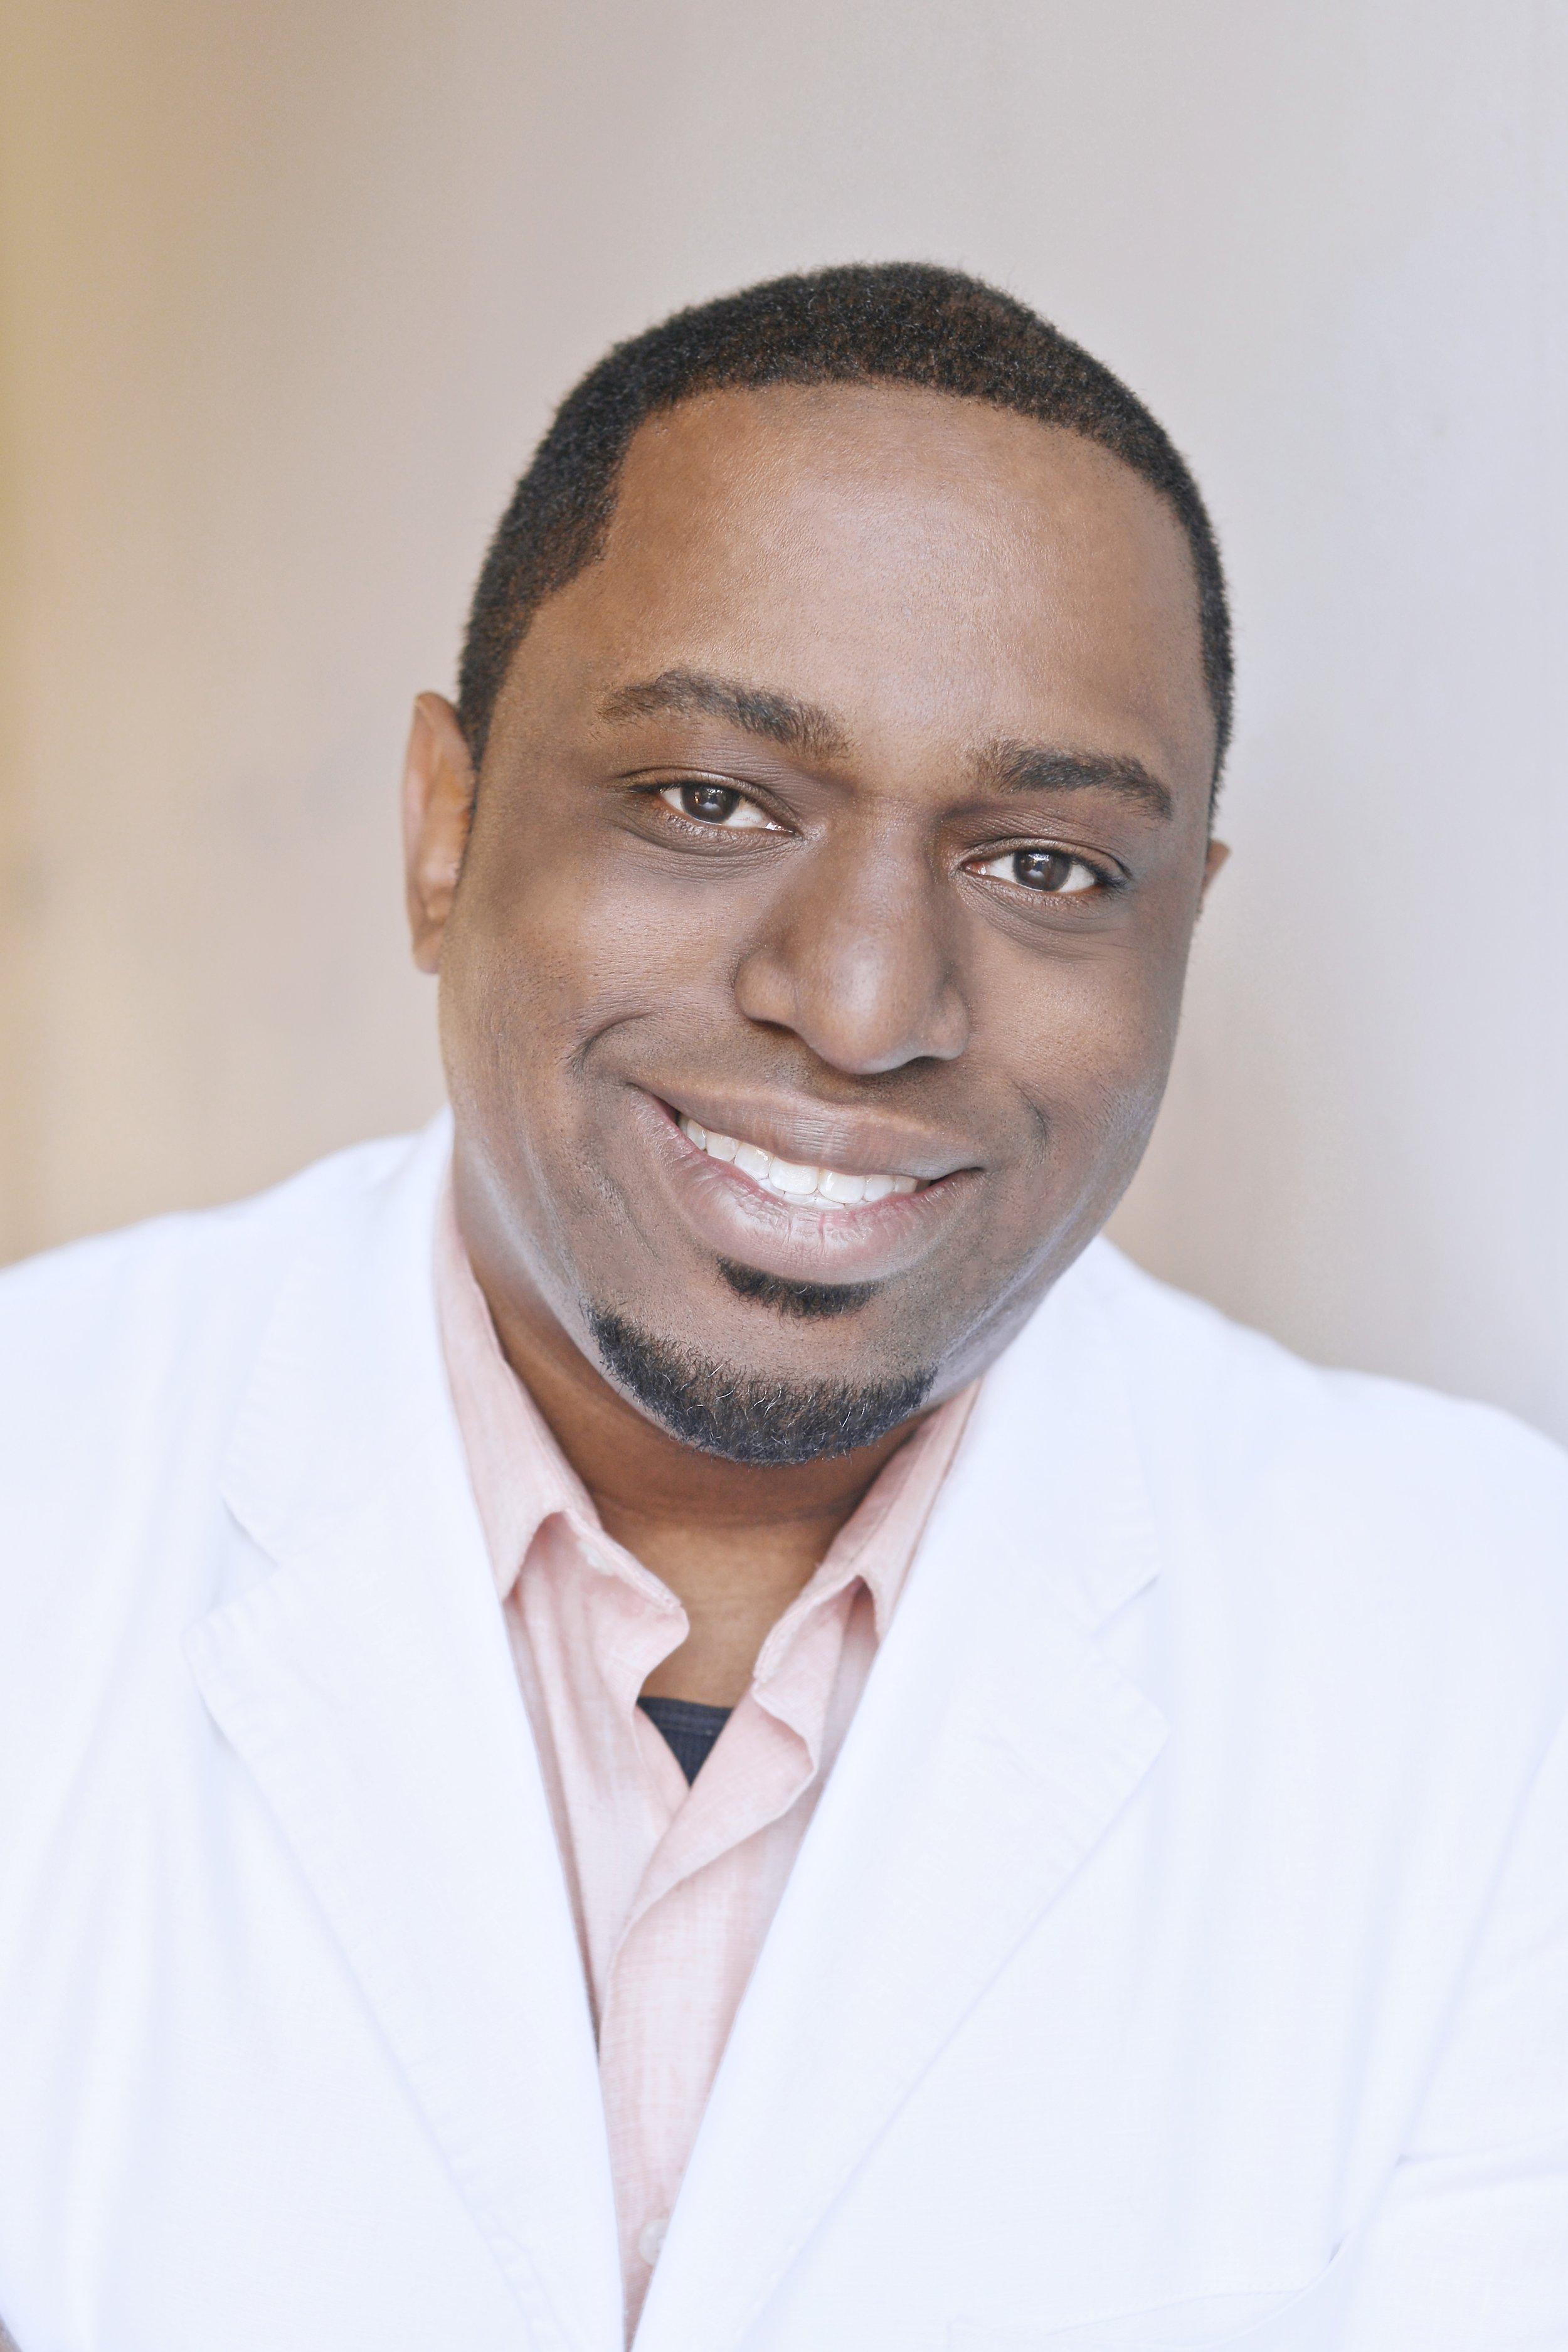 David Bailey, Executive Director & Founder, Arrabon